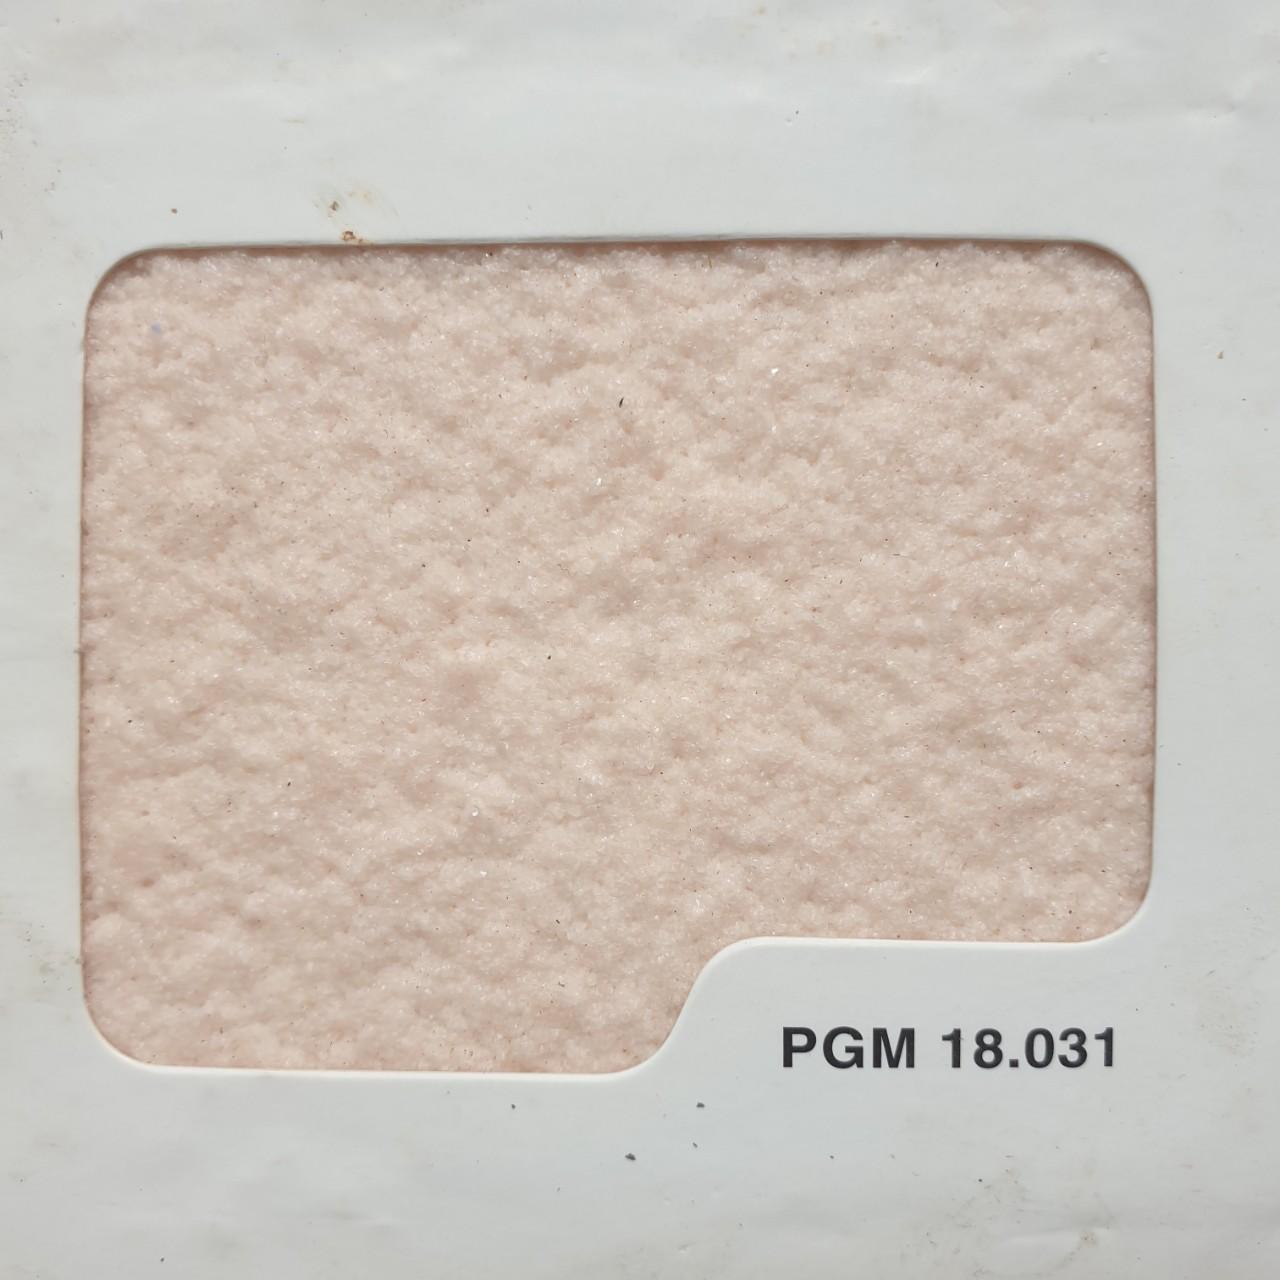 PGM 18.031